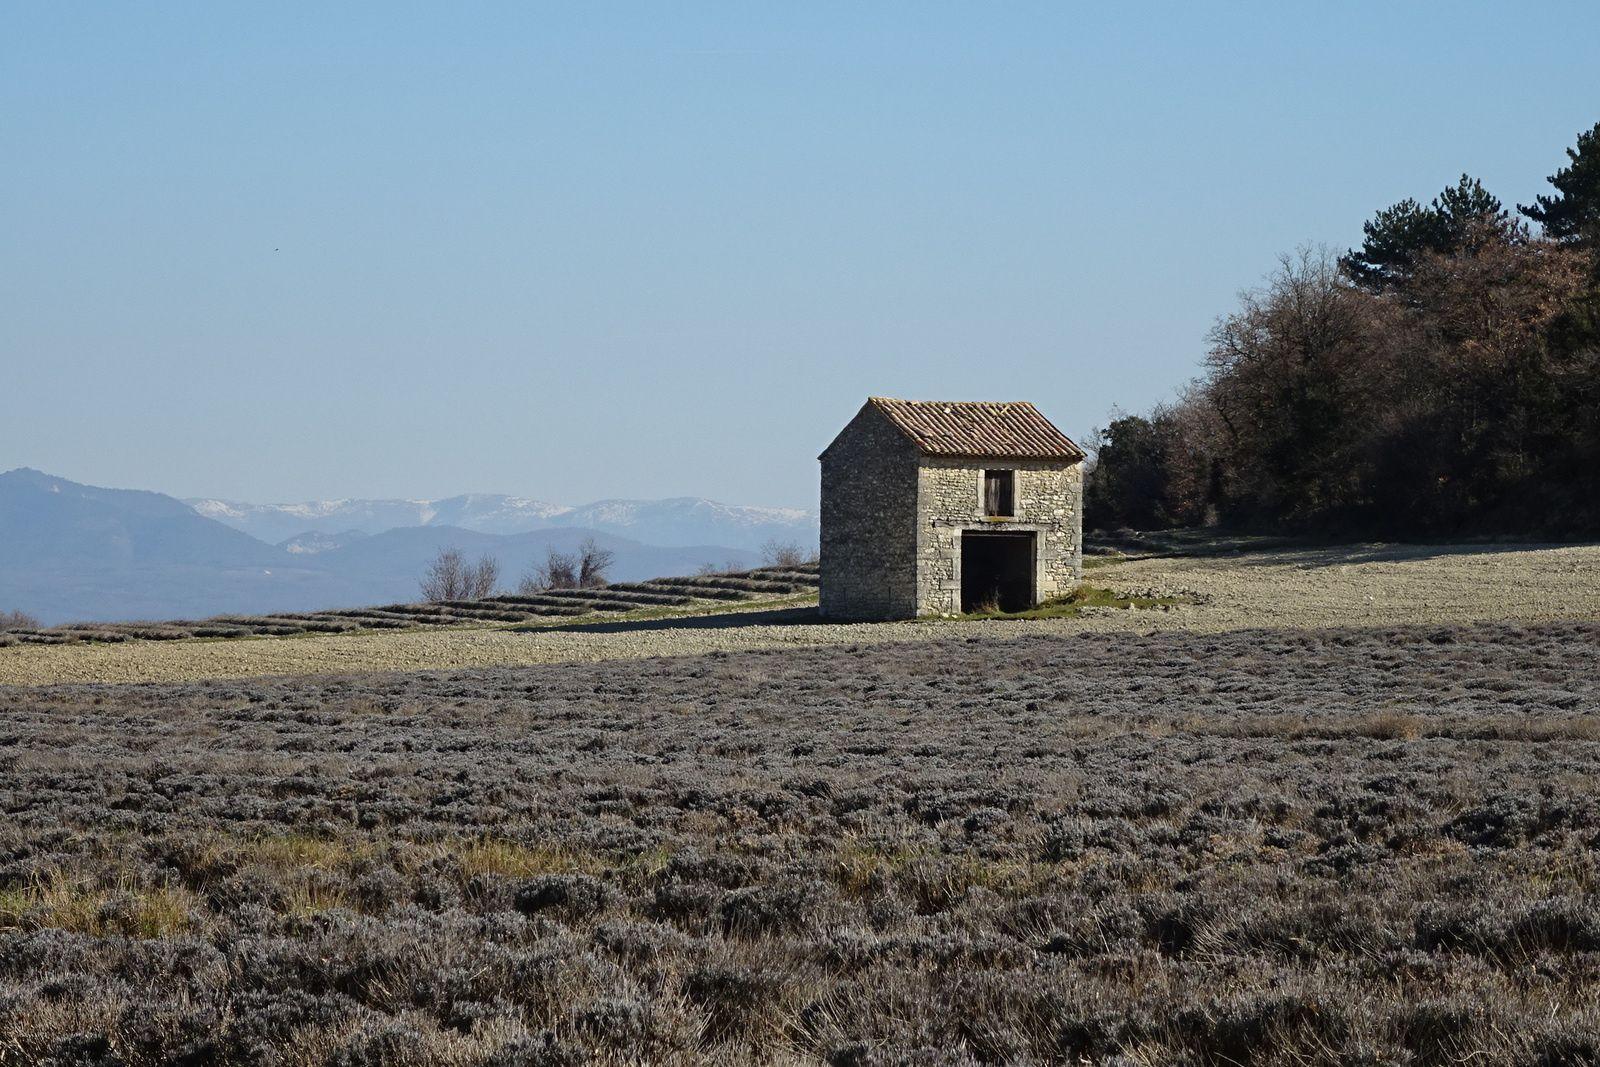 Cette fois les champs de lavande ne sont pas recouverts de neige.